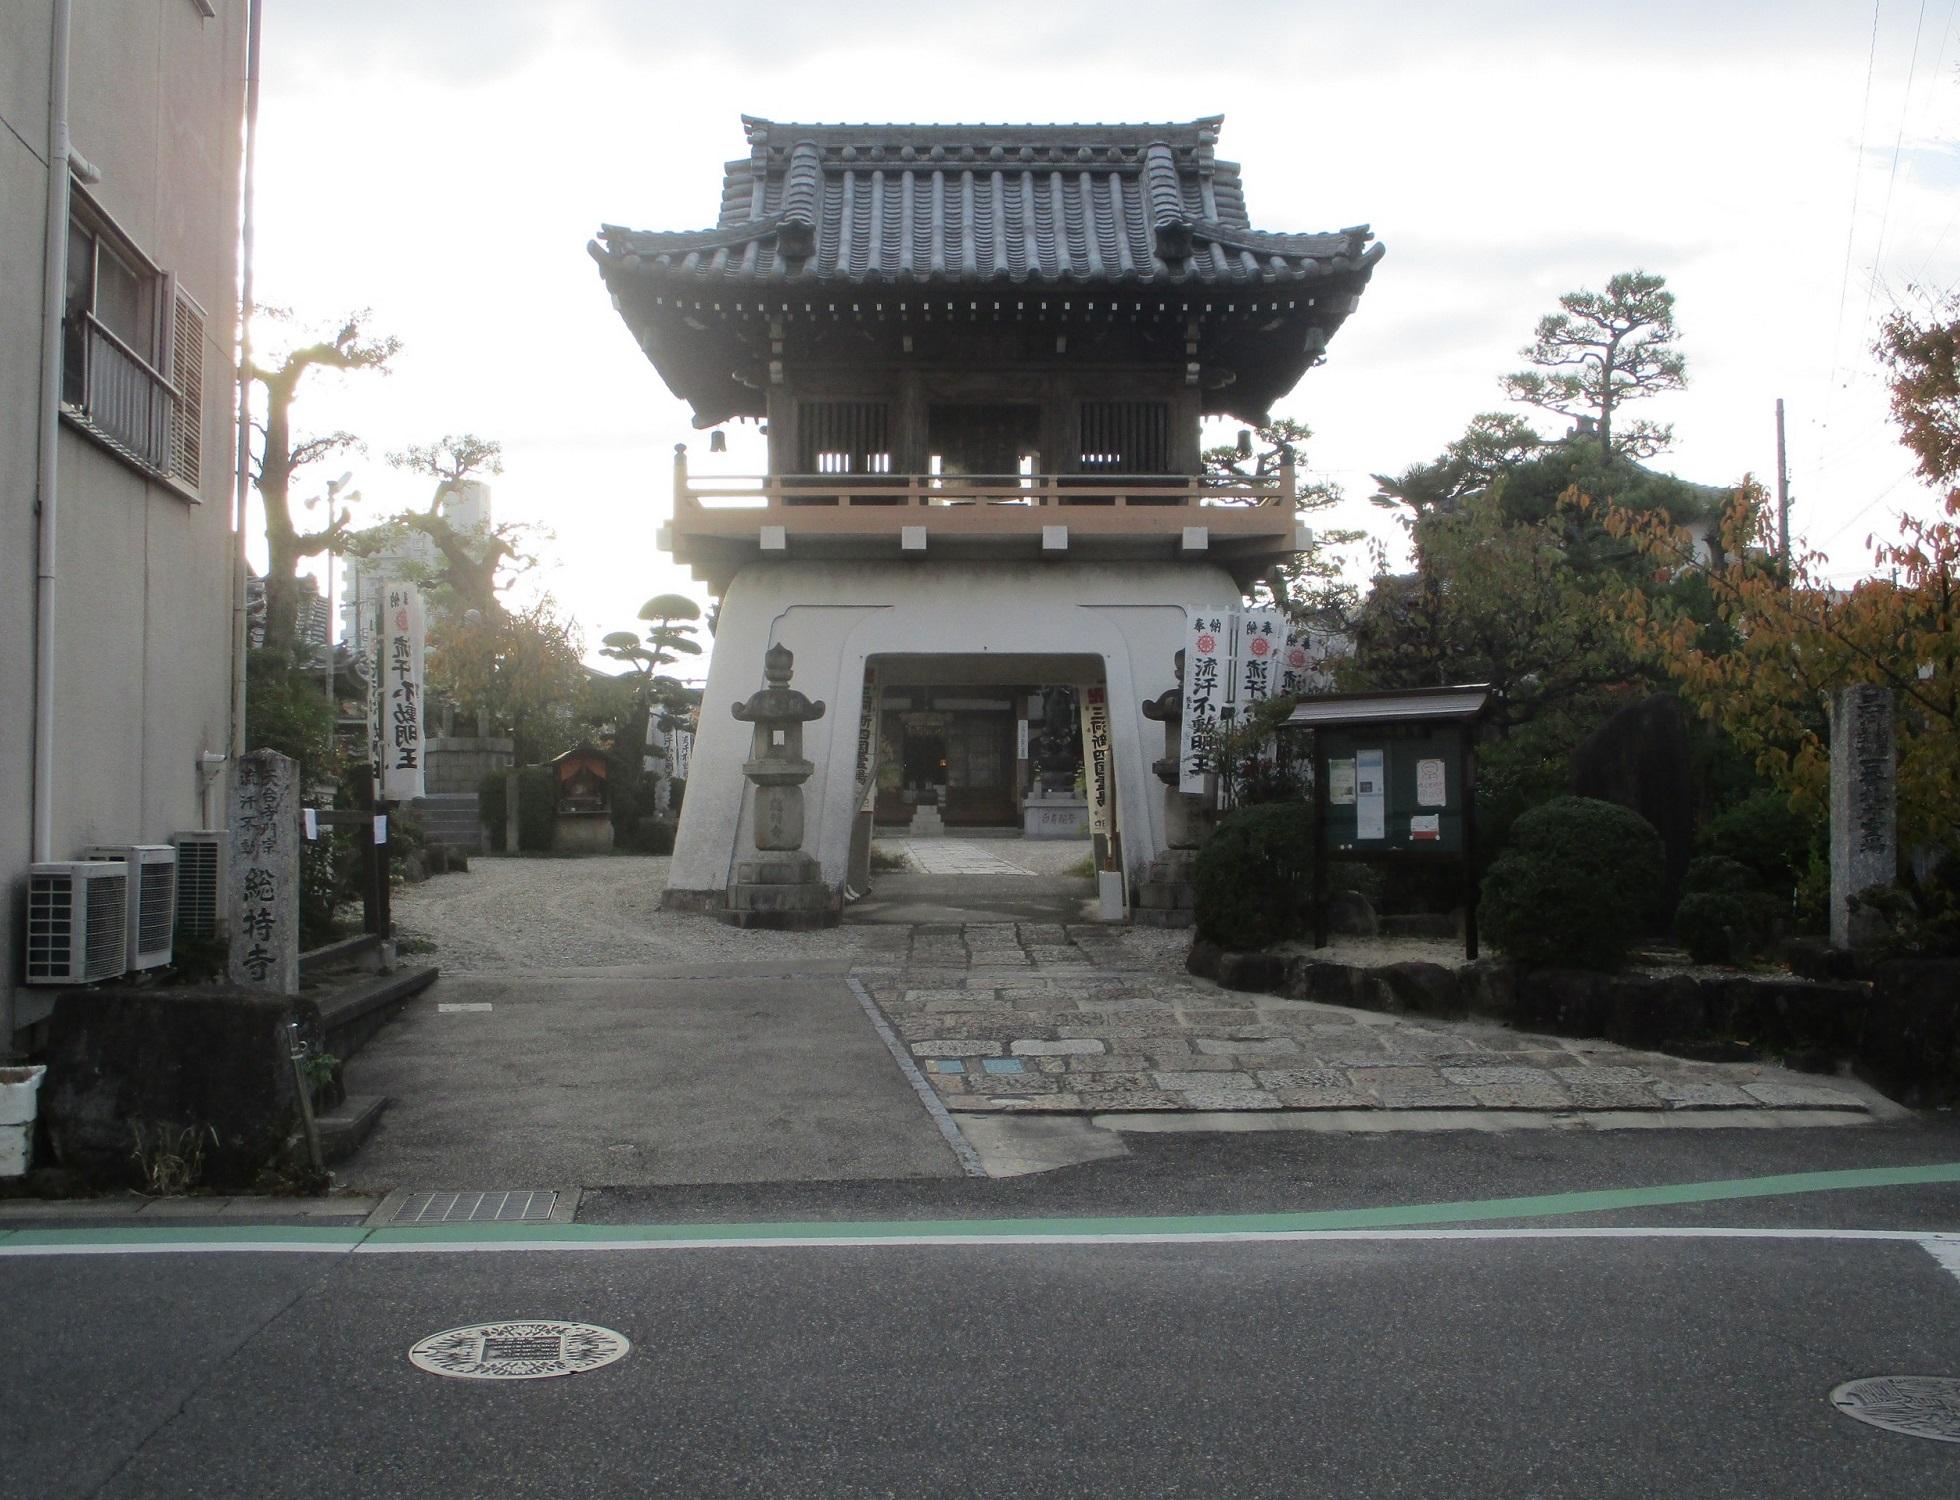 2019.11.13 (57) 東海道 - 総持寺 1960-1500